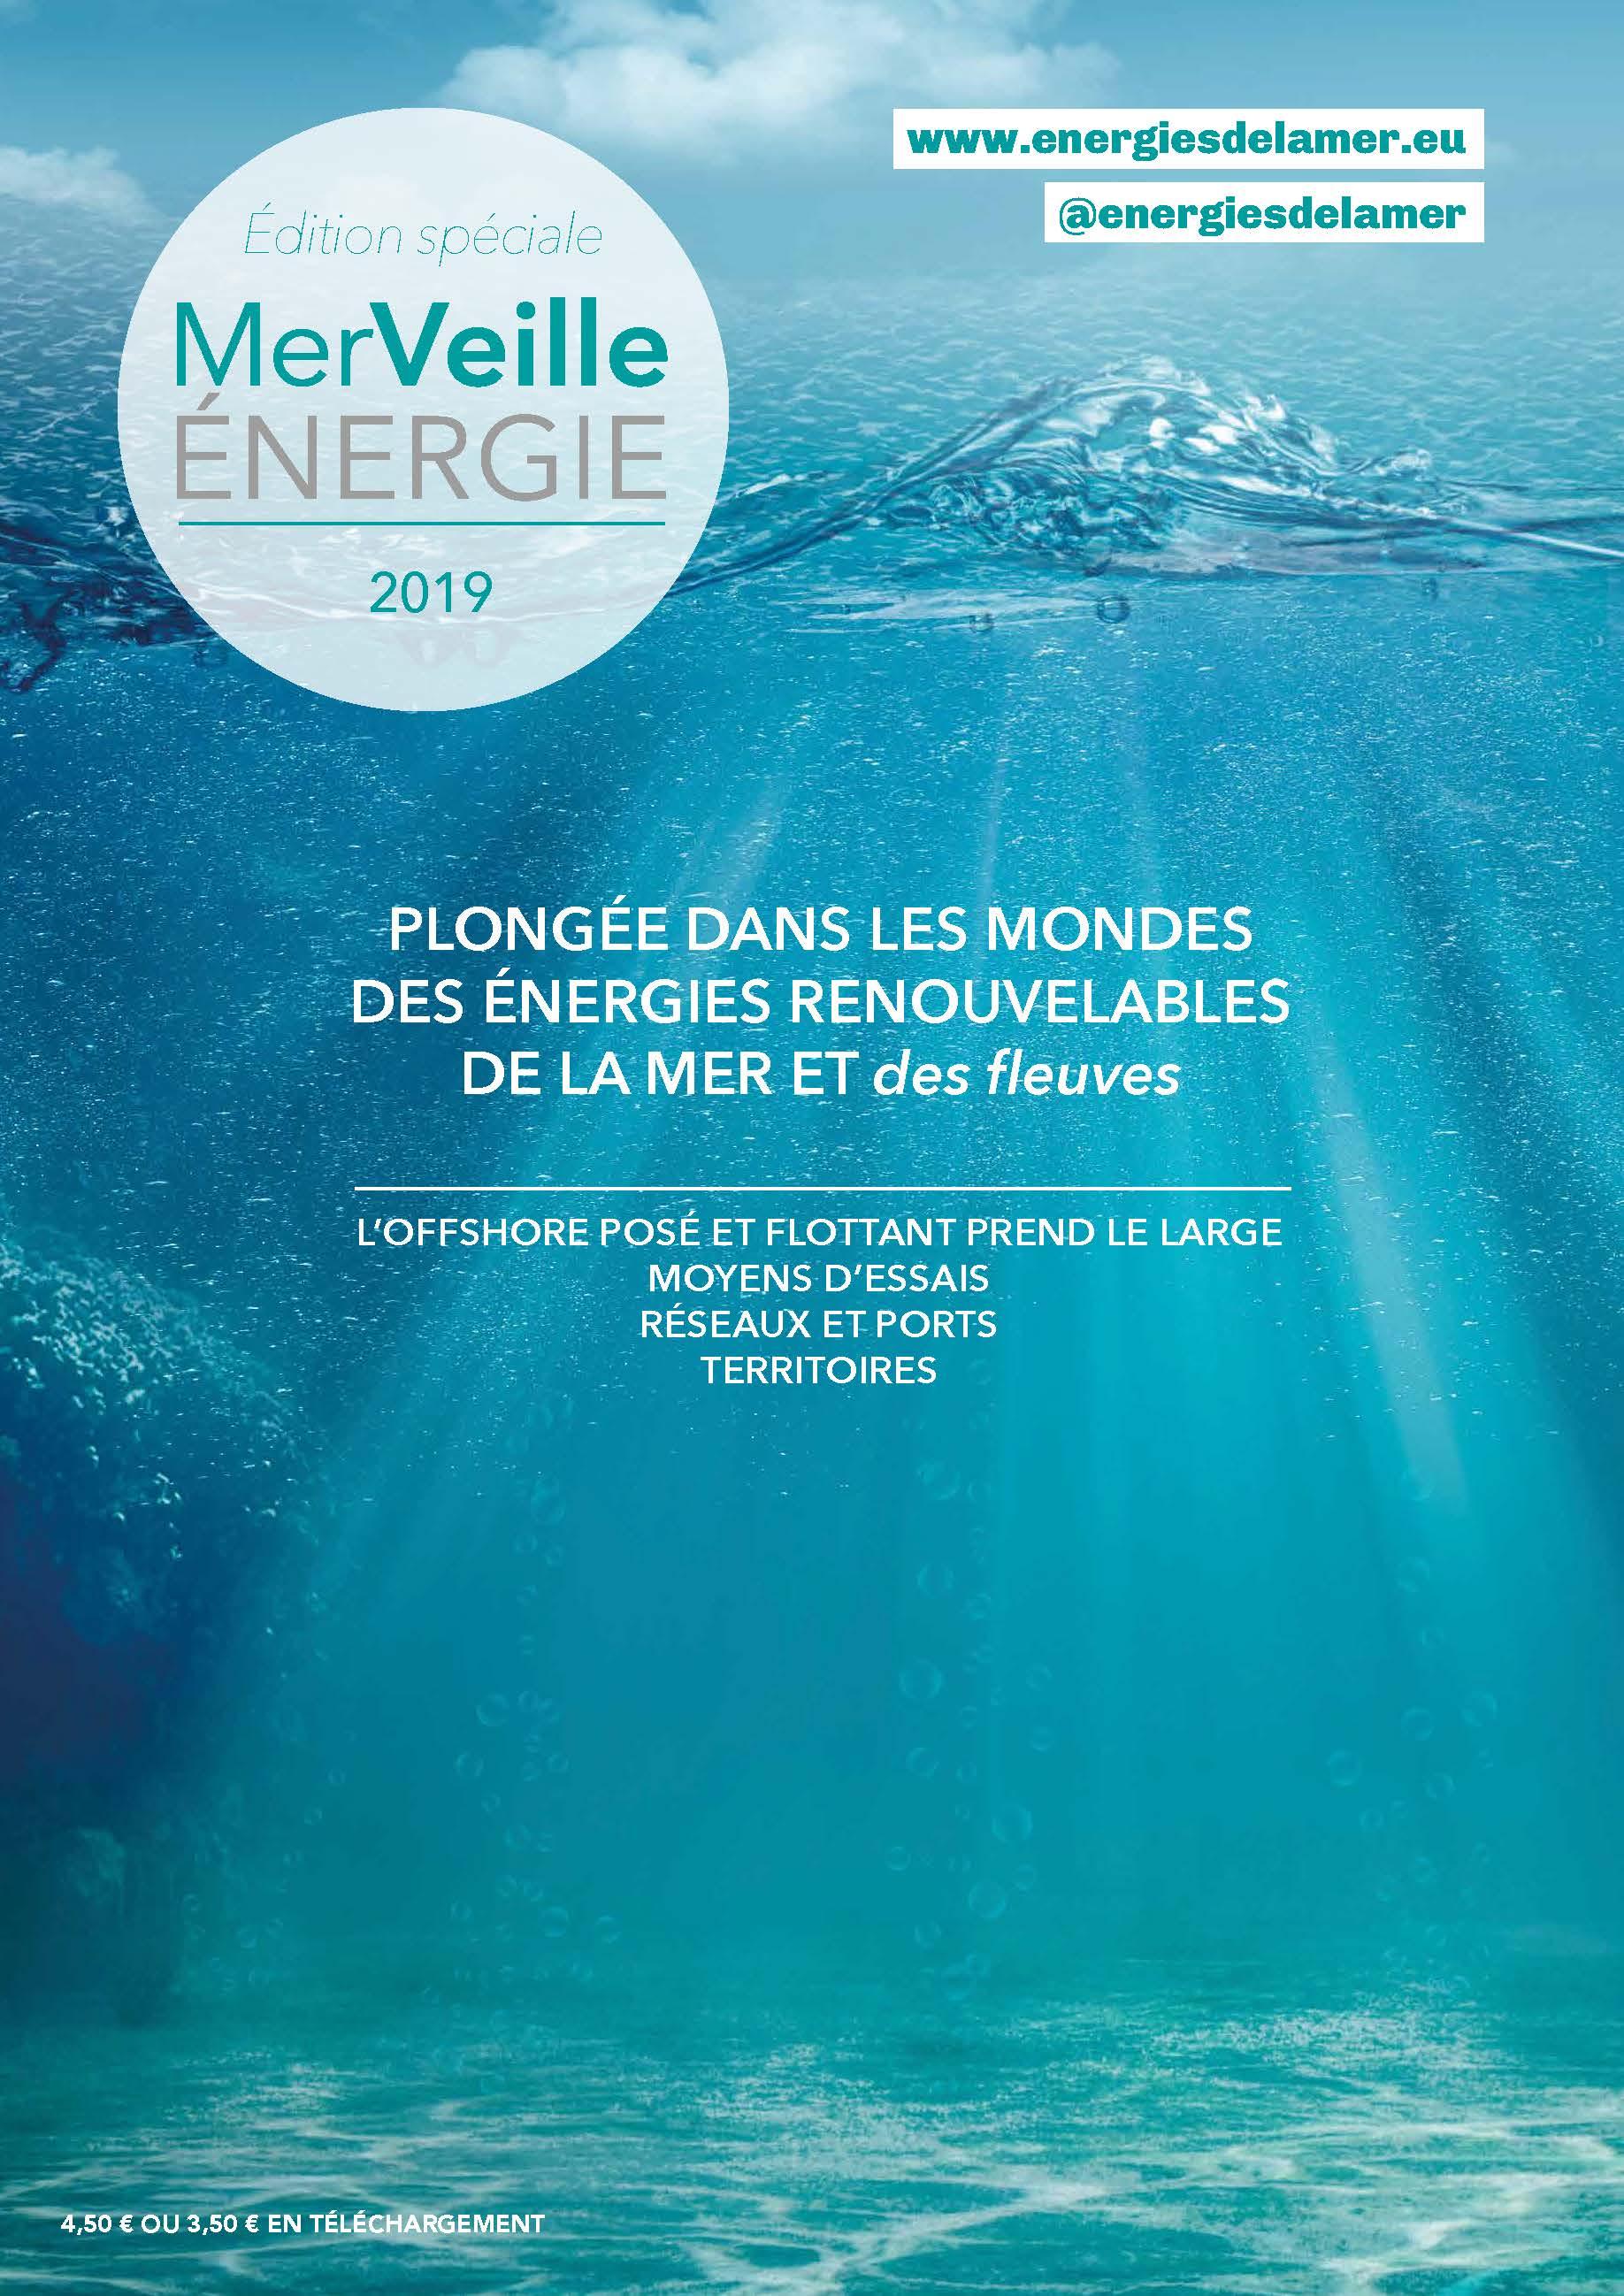 couverture MerVeille Specal Flottant 24 04 019 EDM